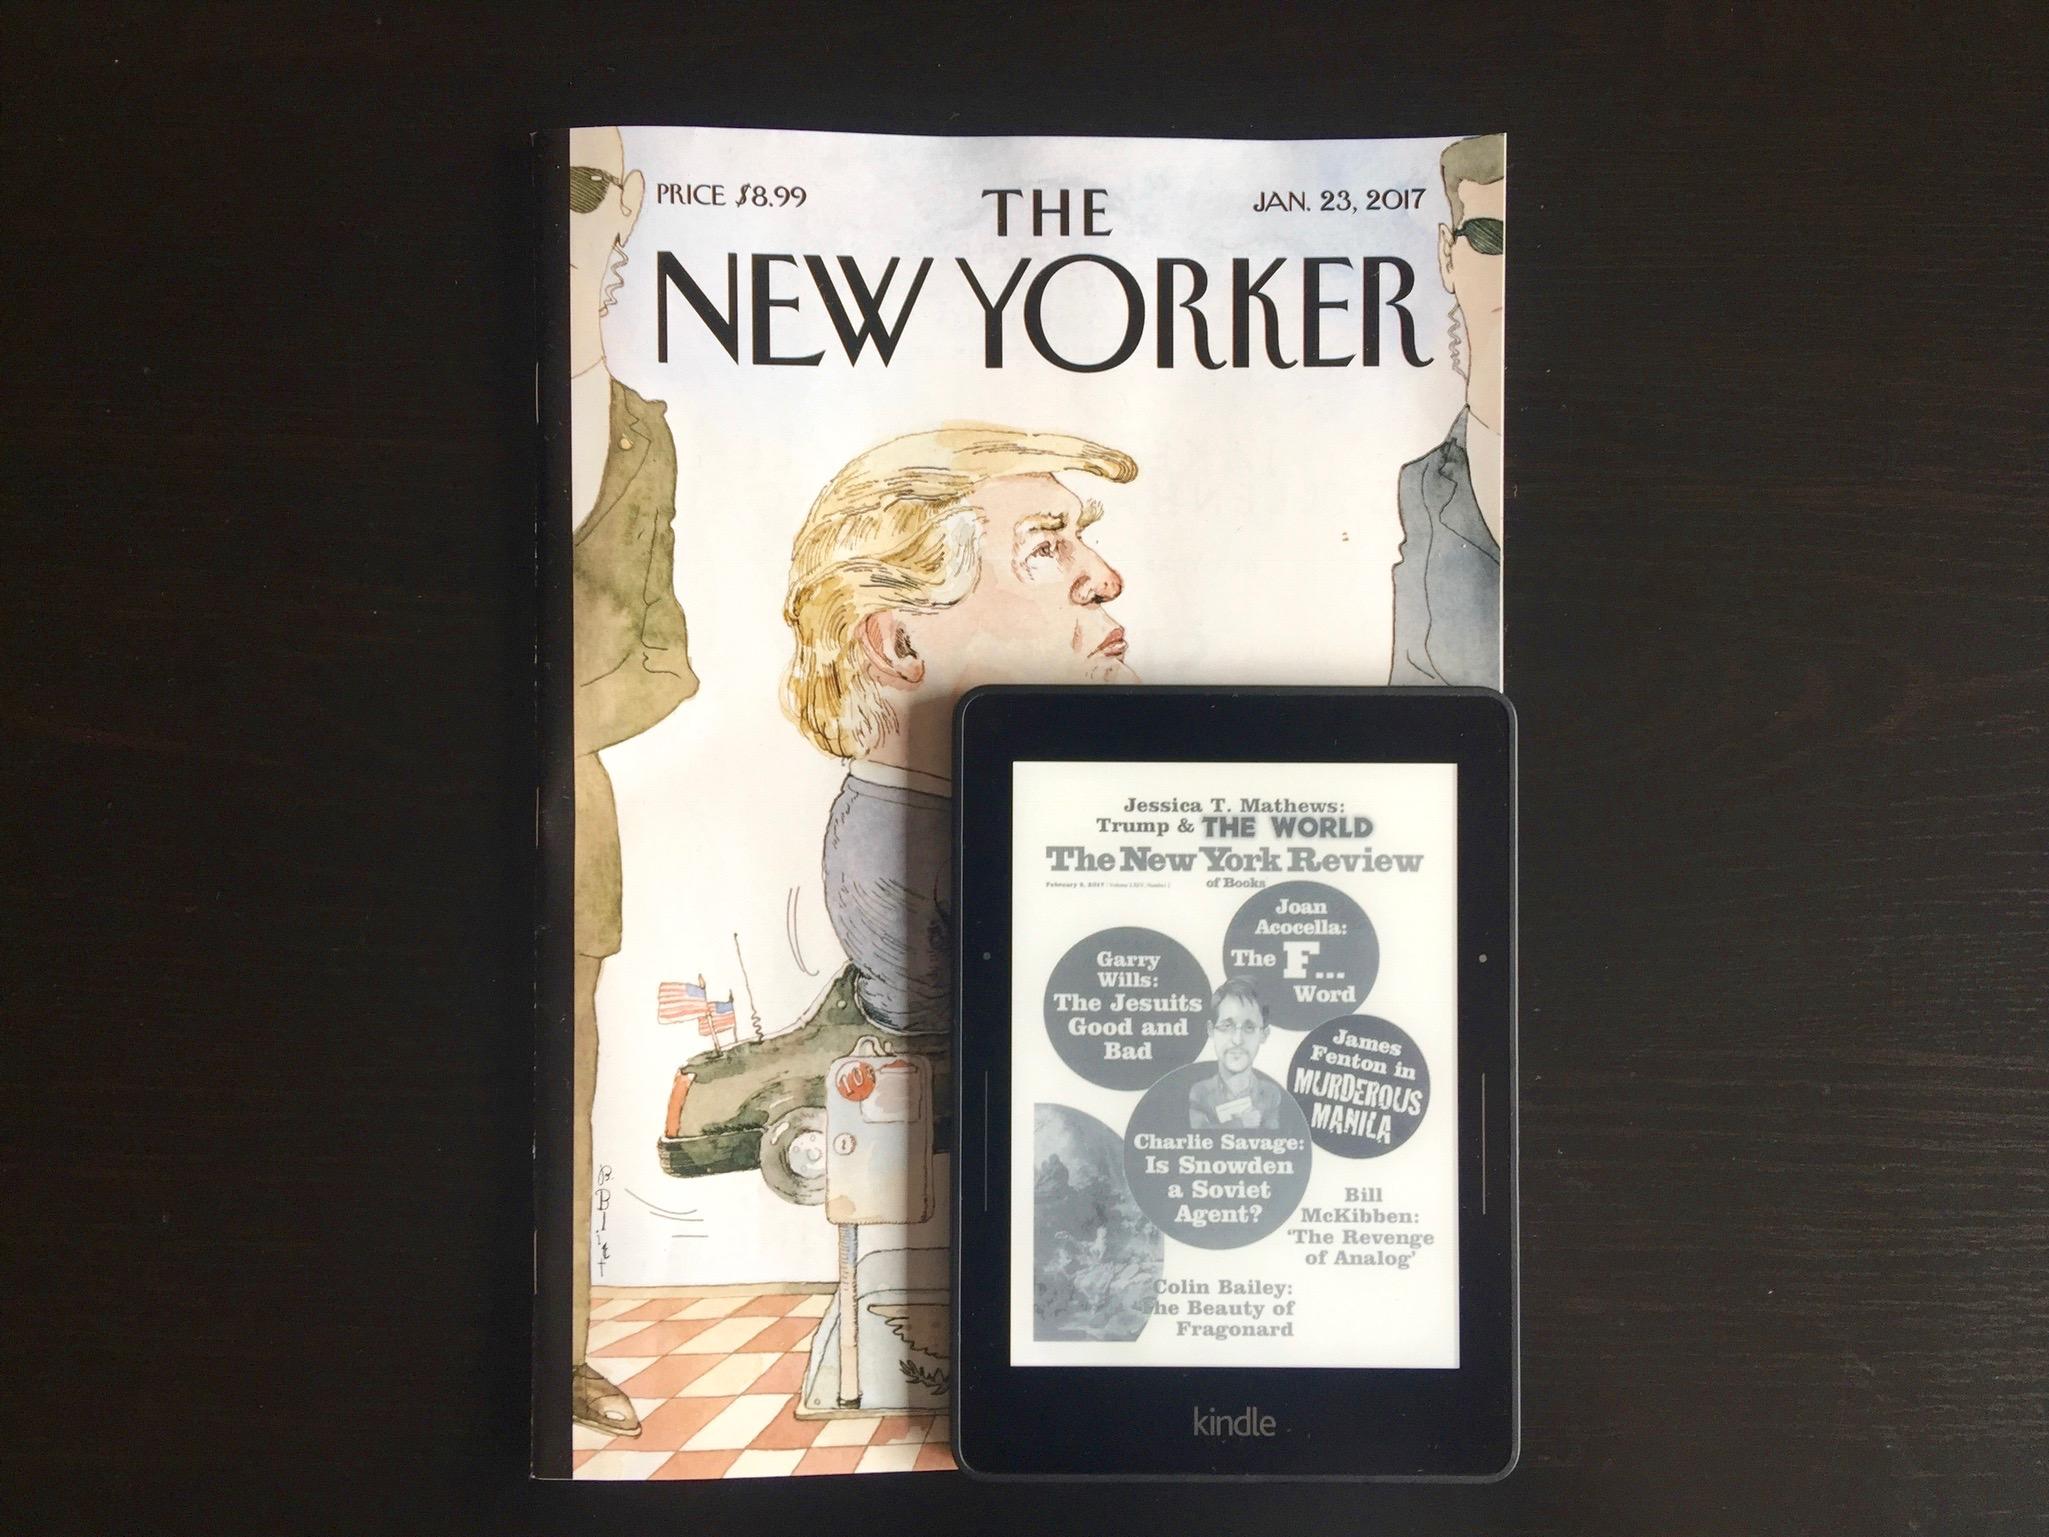 Leer revistas o cómics es muy difícil en el Kindle. No está pensado para esto. Observen la diferencia de tamaños.